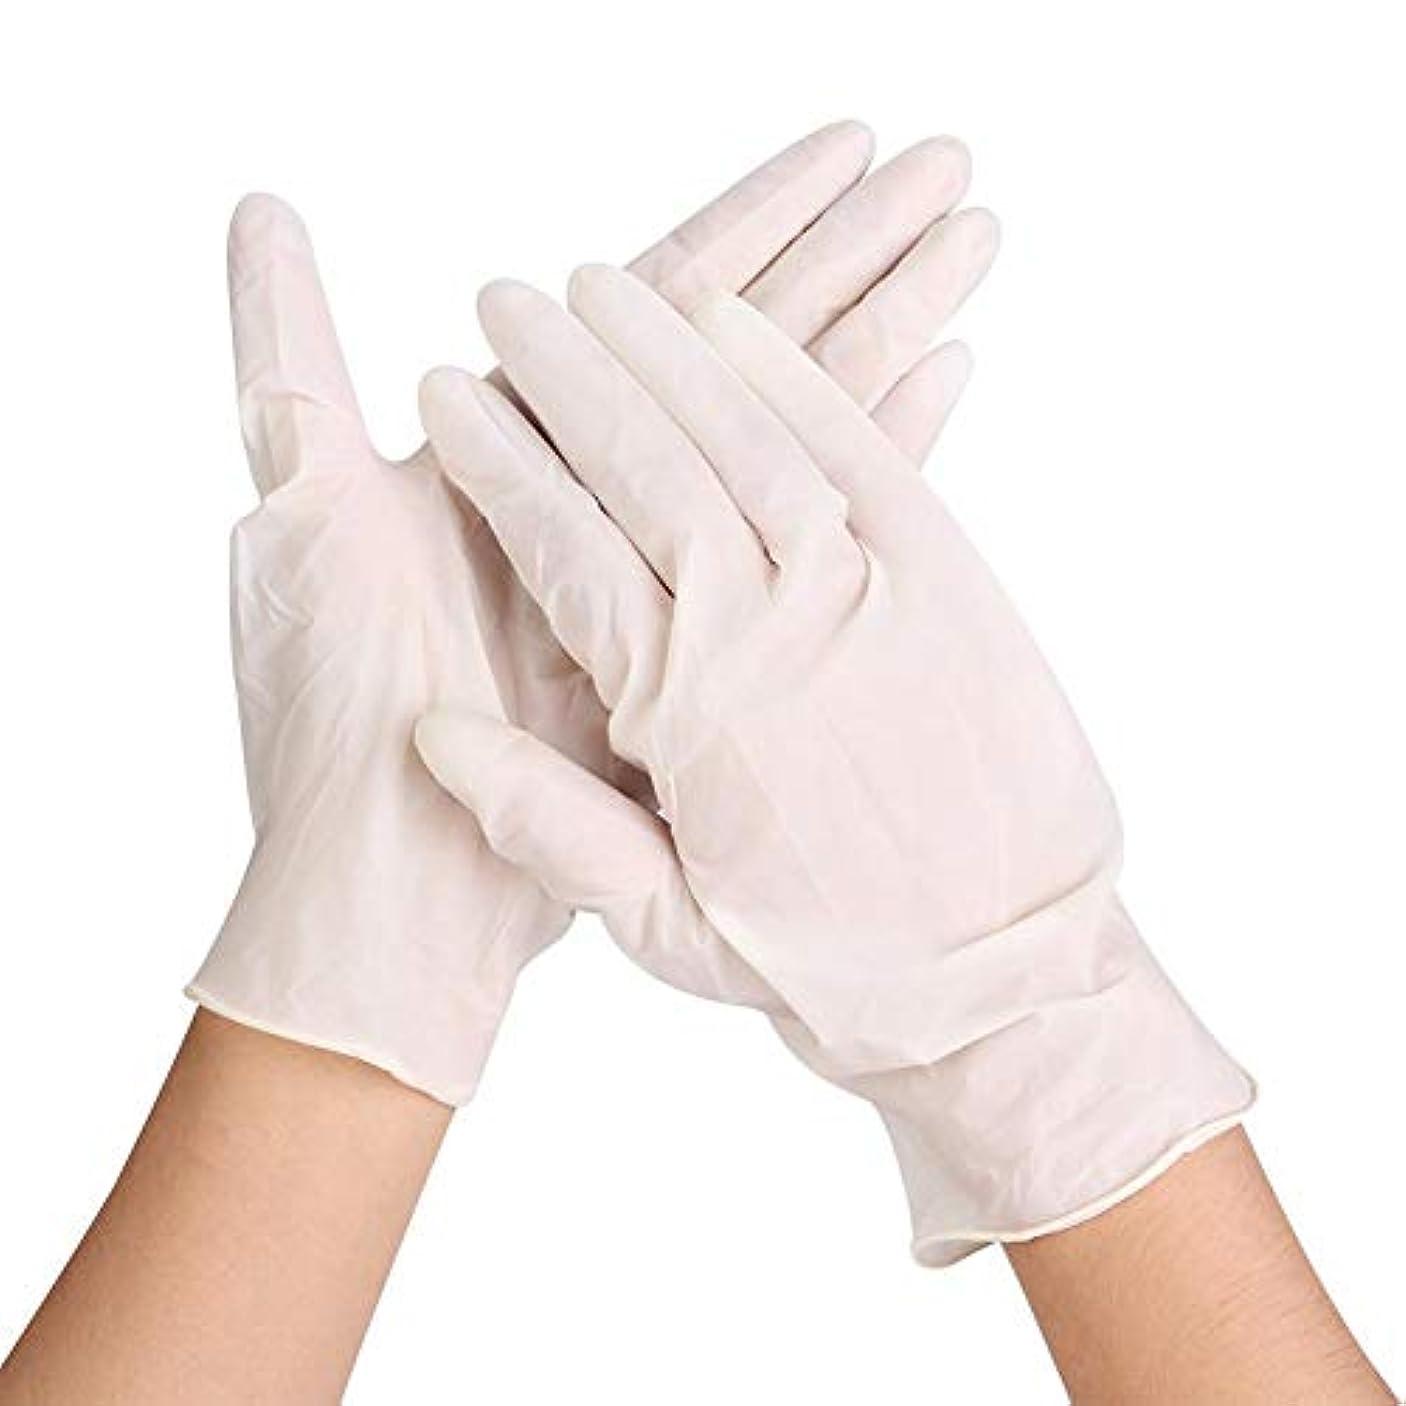 マイルド会計気候の山ラテックス手袋、食器洗い、キッチン、作業用、ガーデン手袋用の使い捨て伸縮性耐久性手袋50個